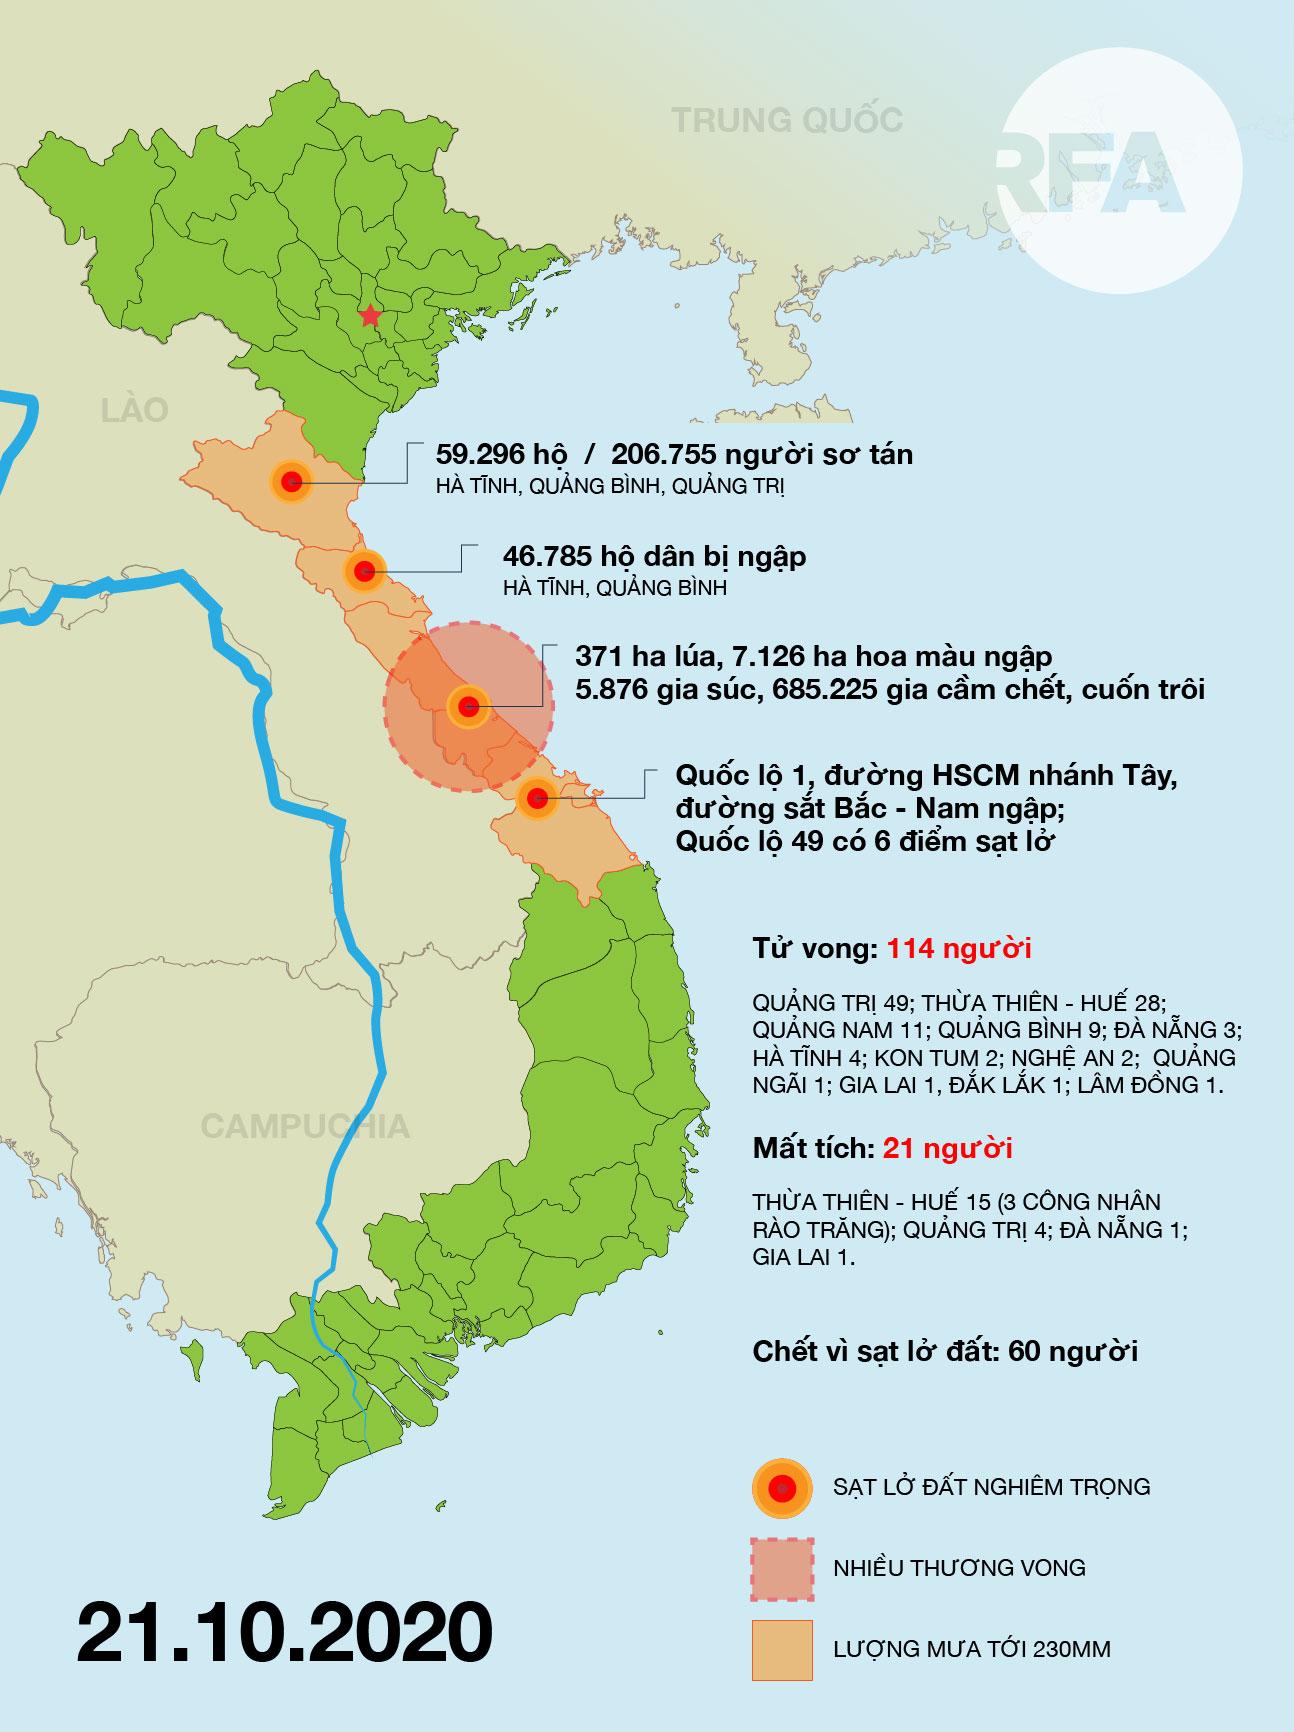 Thống kê mưa lũ Miền Trung ngày 21.10.2020